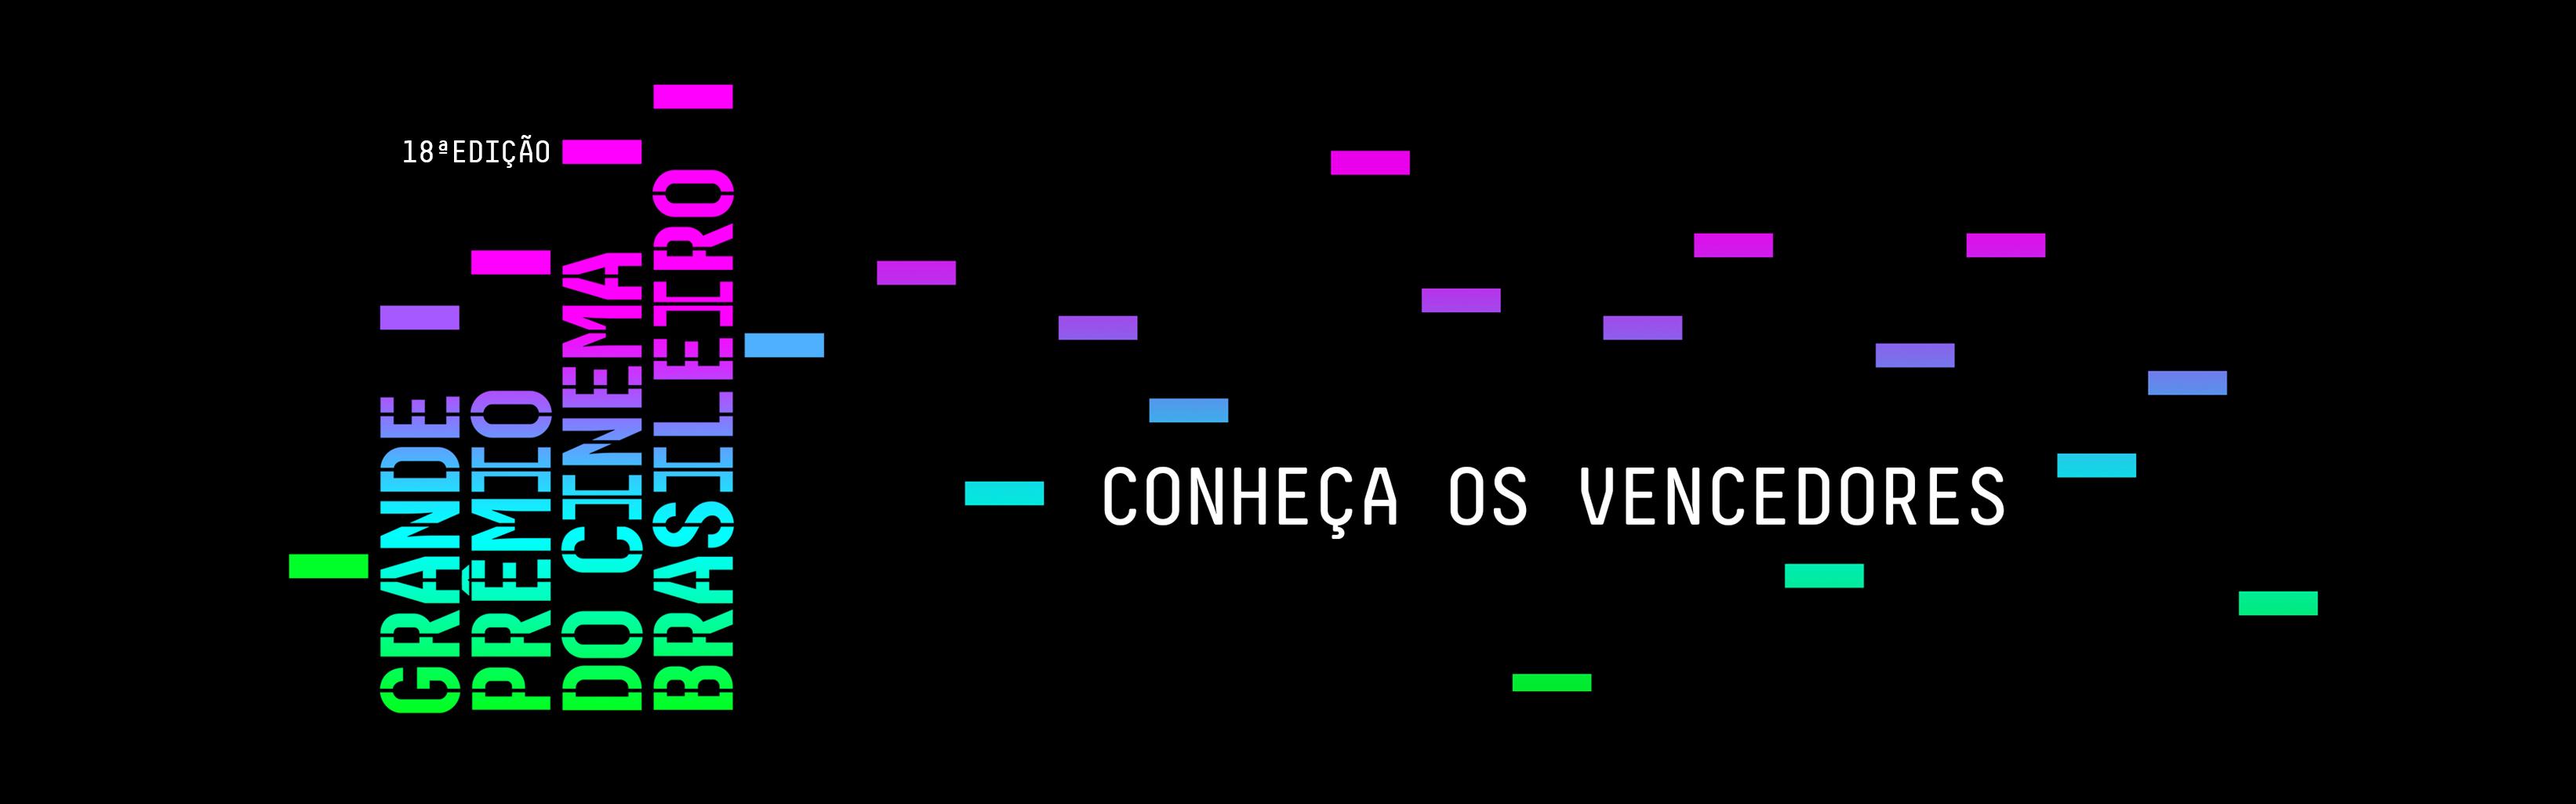 banner_vencedores_18edicao